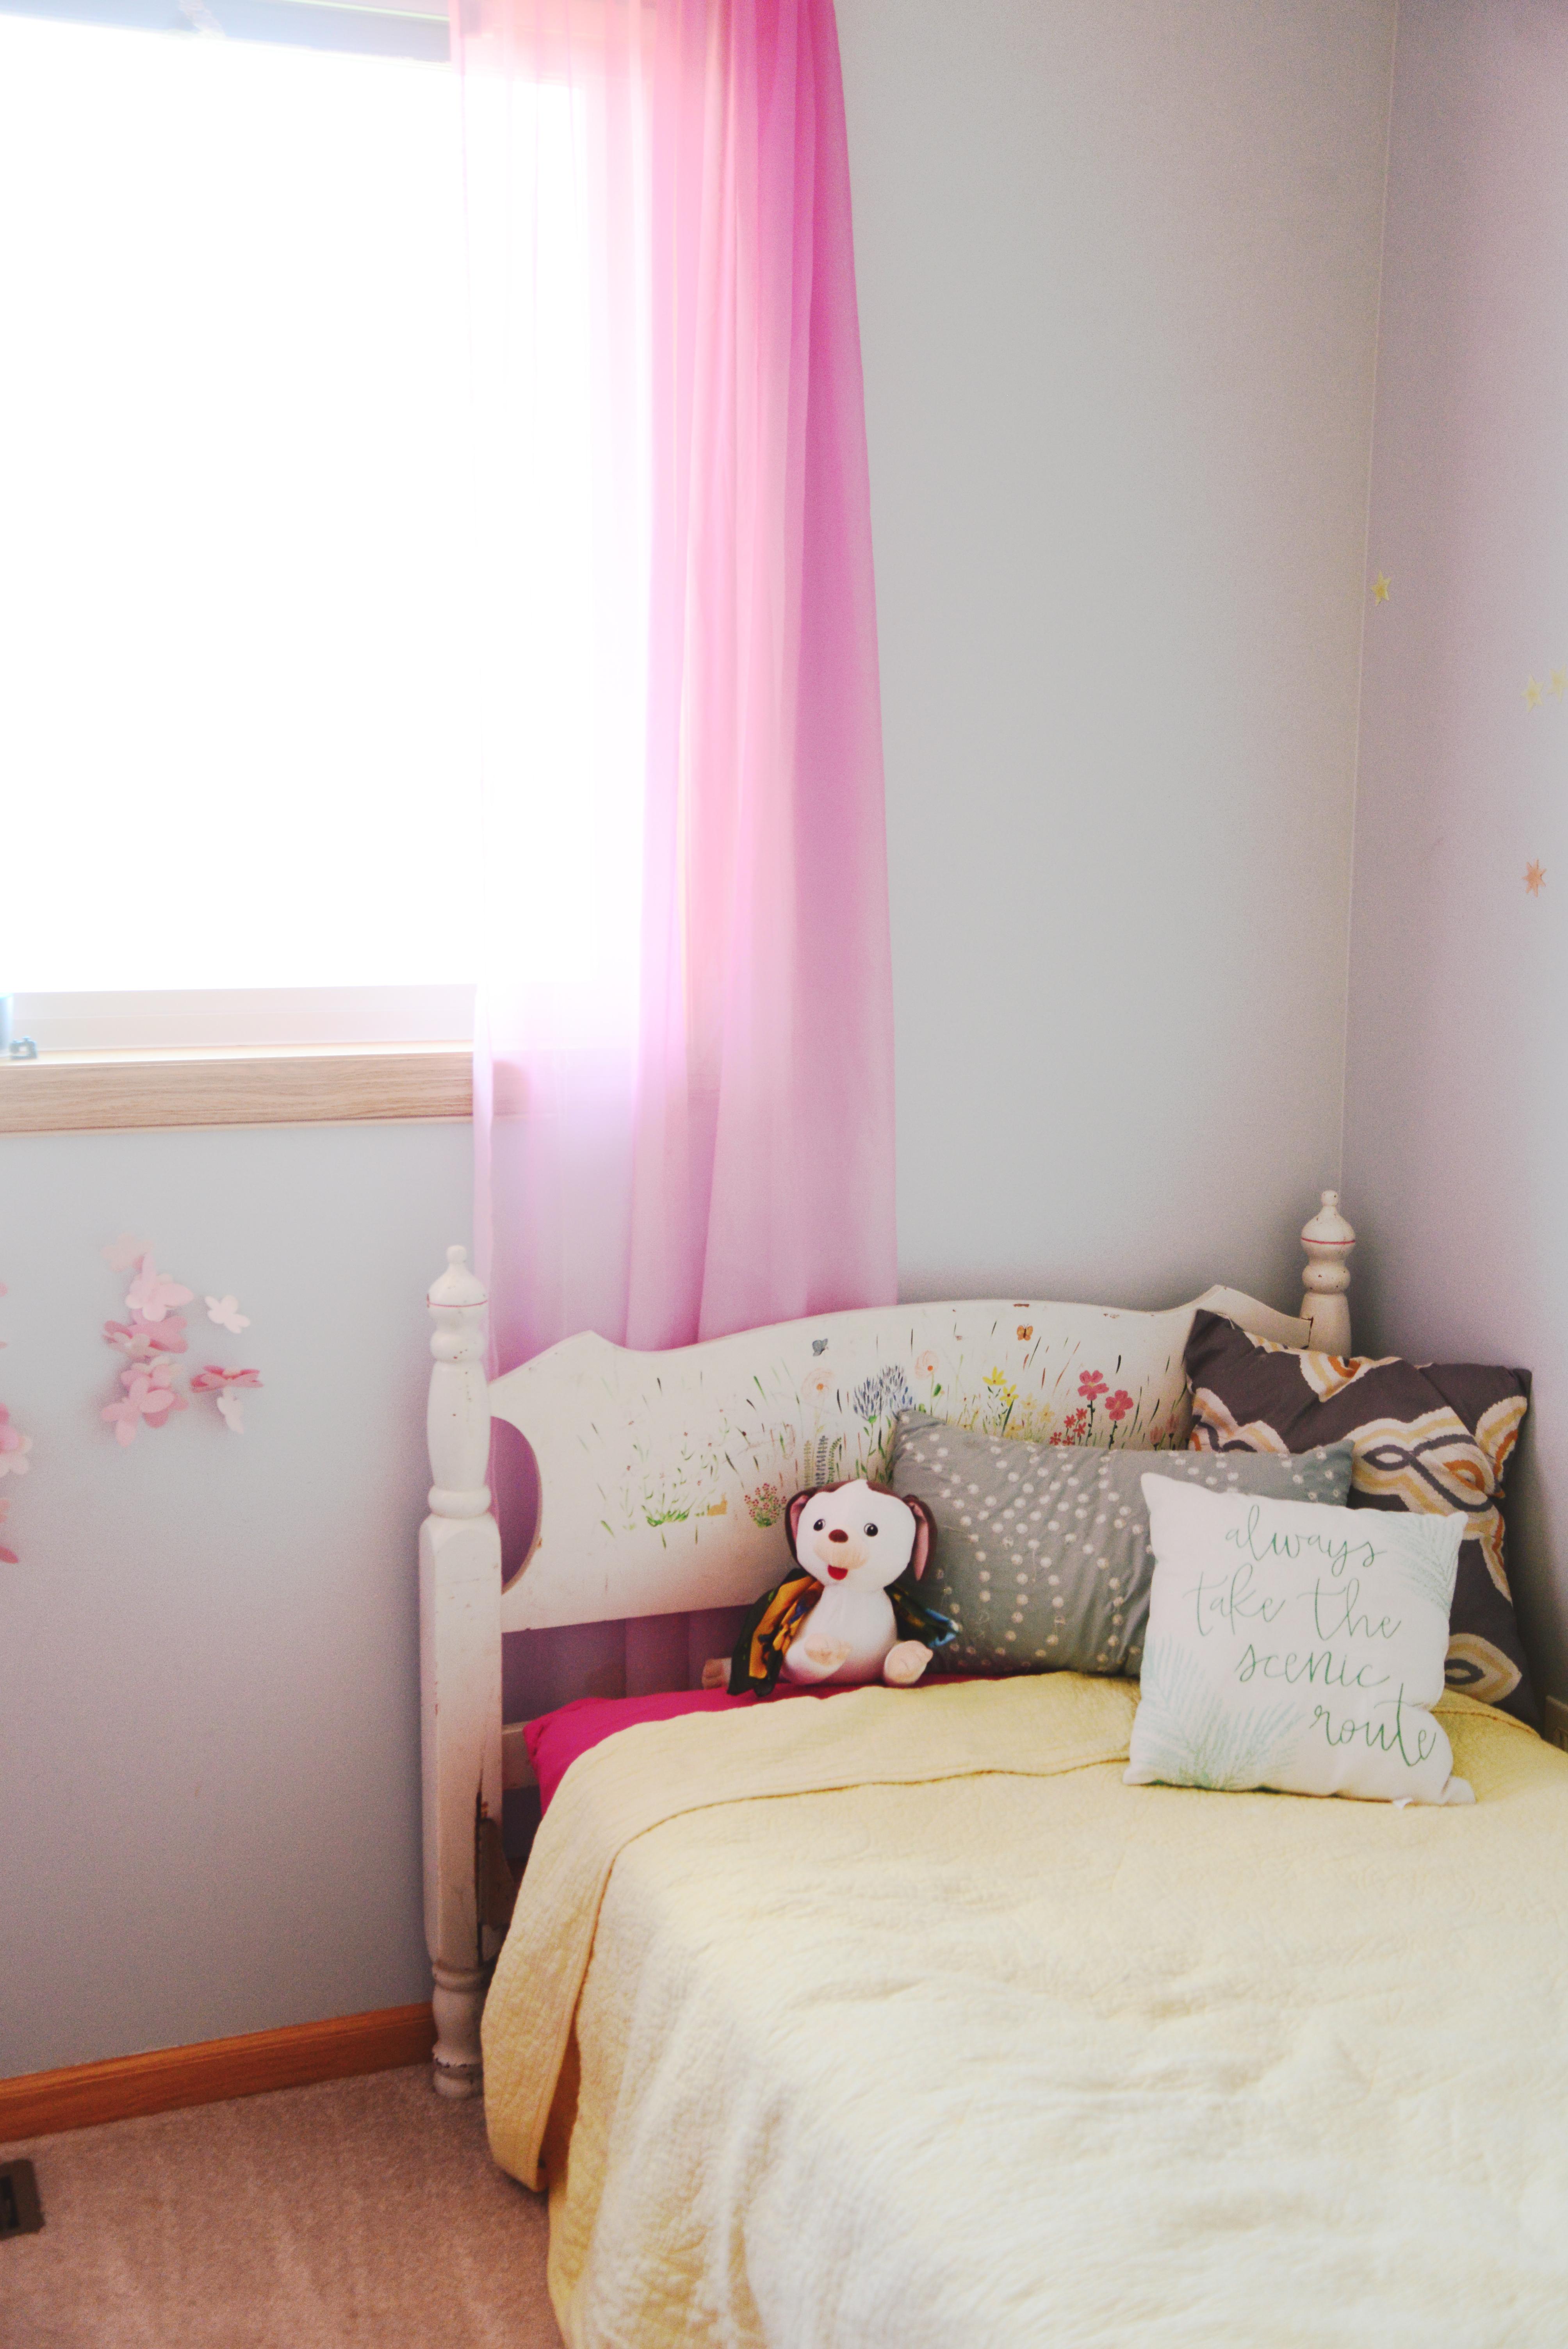 DIY Small, Modern, Minimalist Kid\'s Bedroom on a Budget - The Fun ...